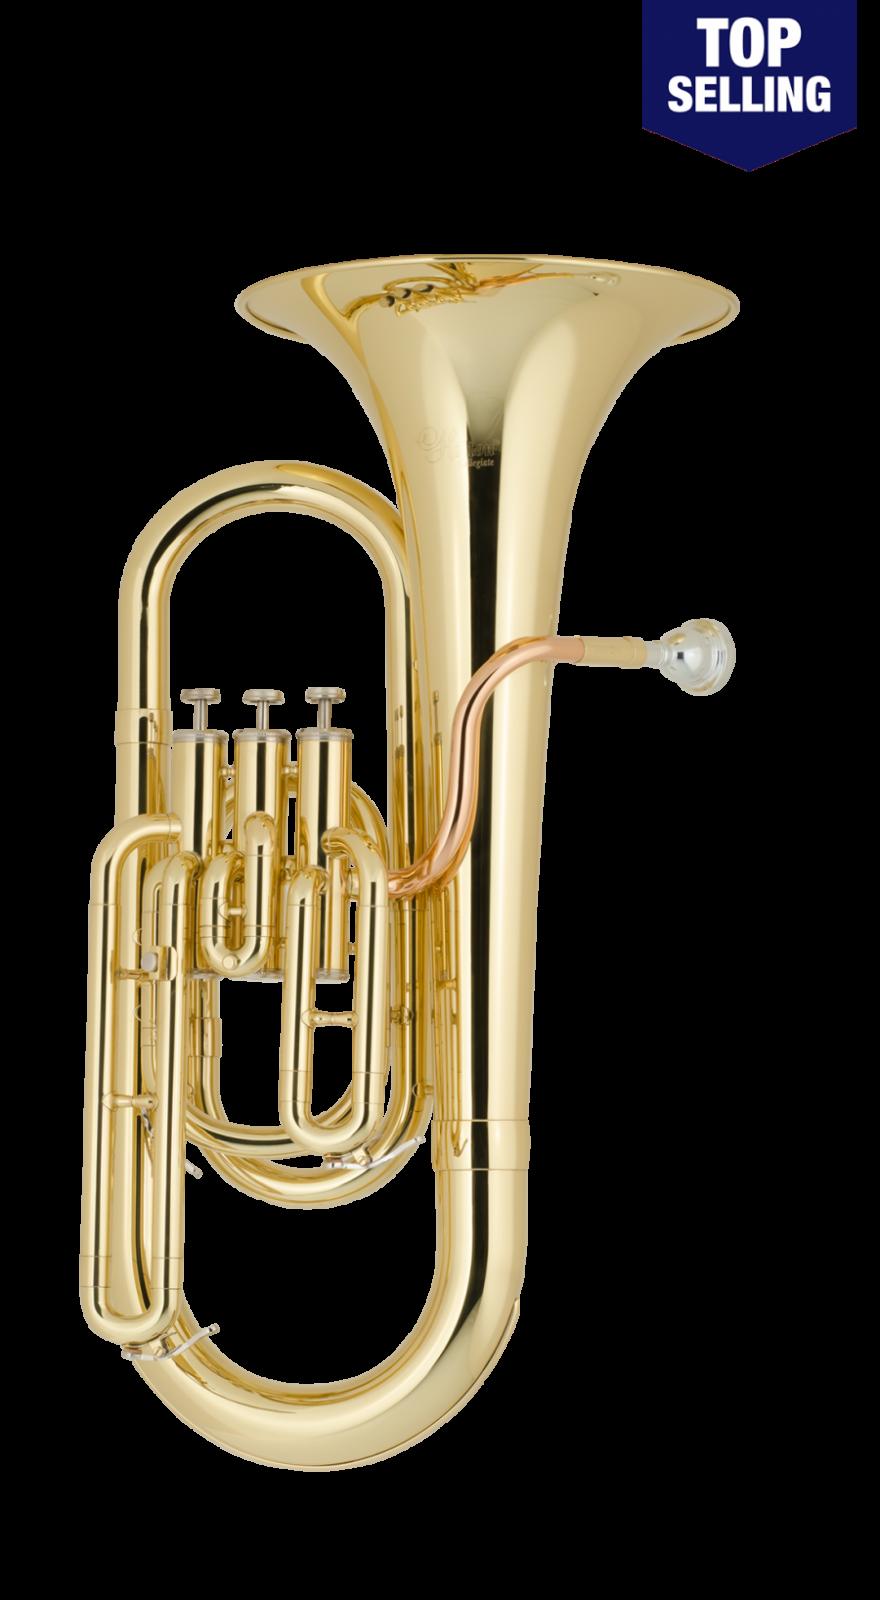 Holton Model B470R Tuba